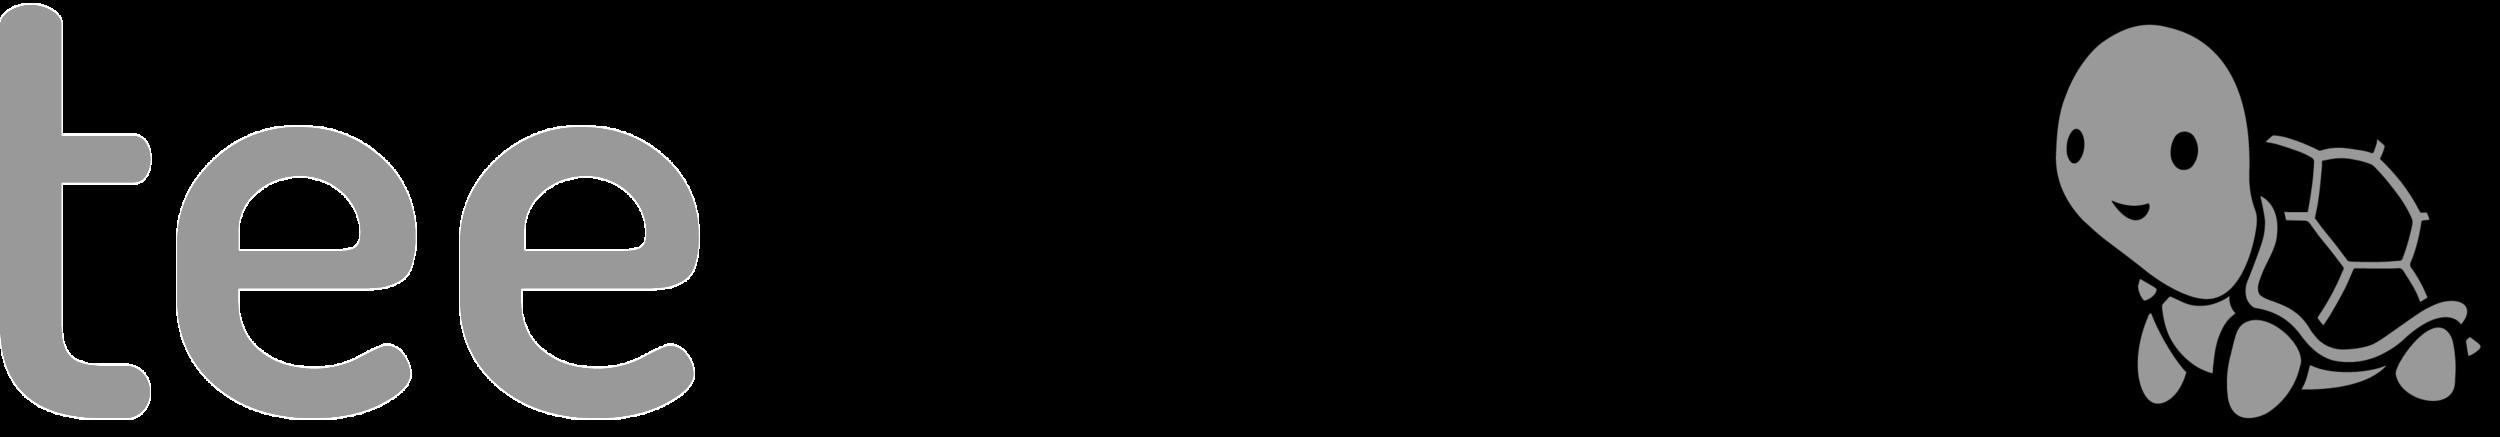 teeturtle logo.png